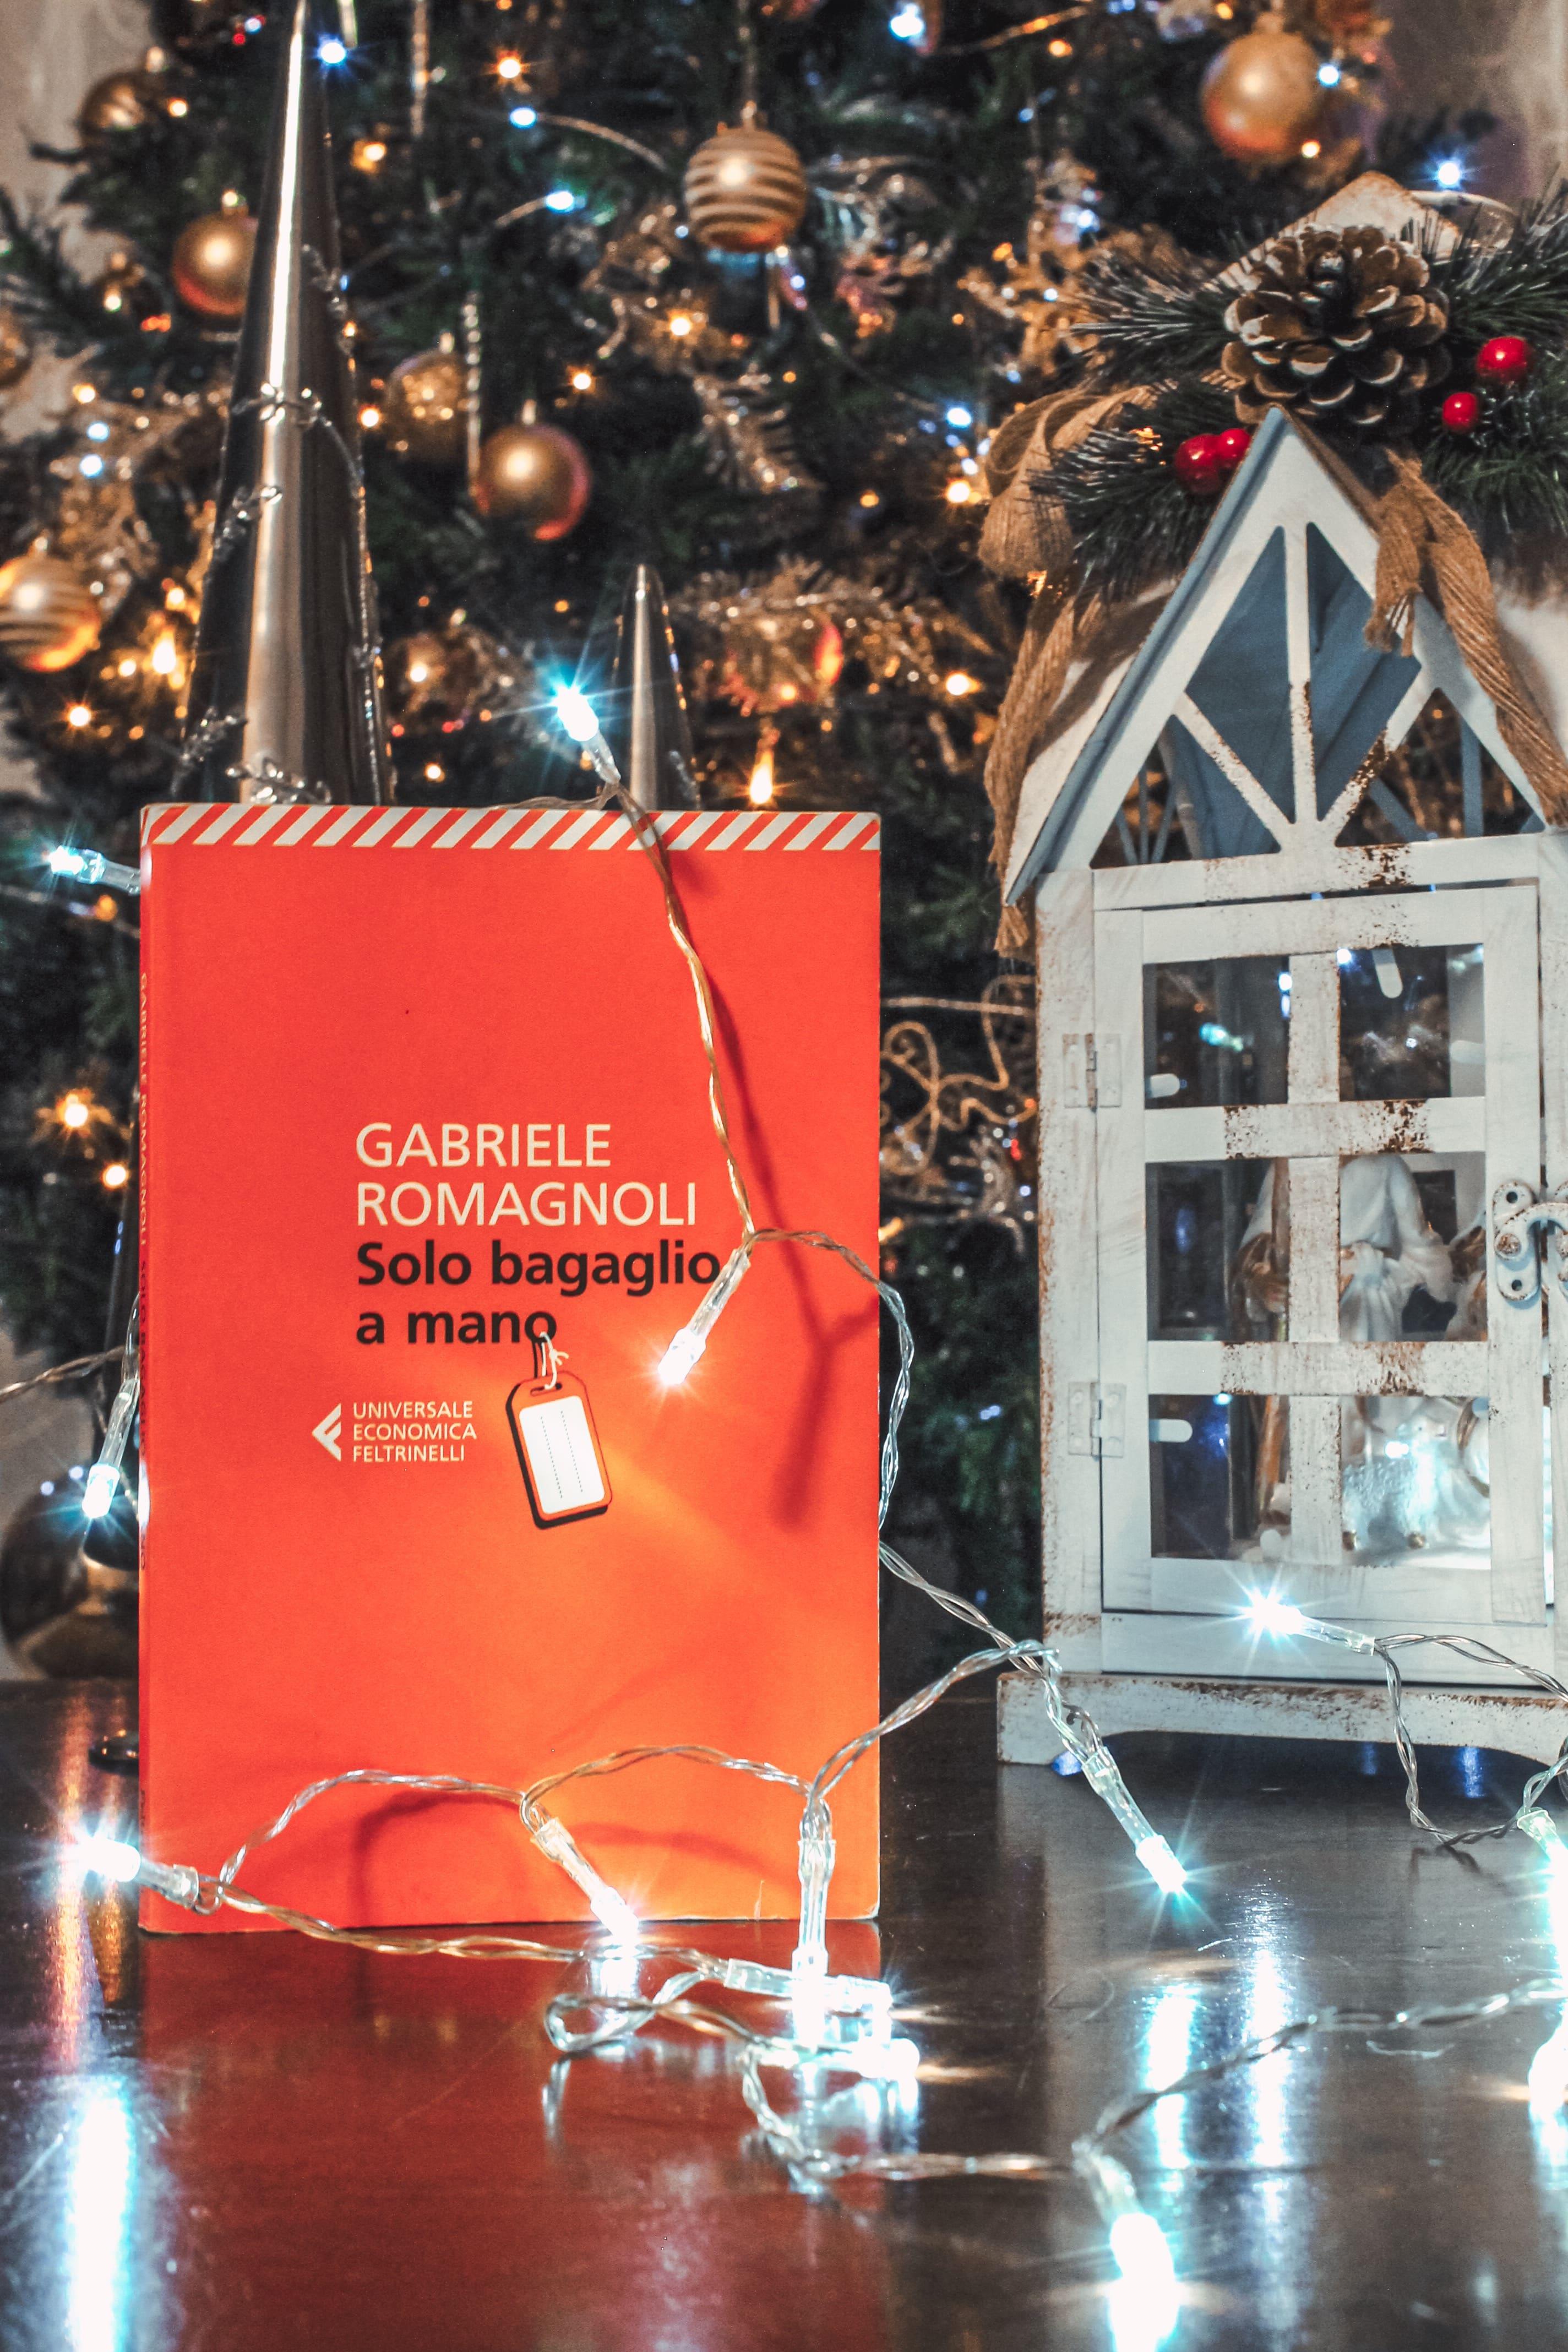 Gabriele Romagnoli - Solo bagaglio a mano